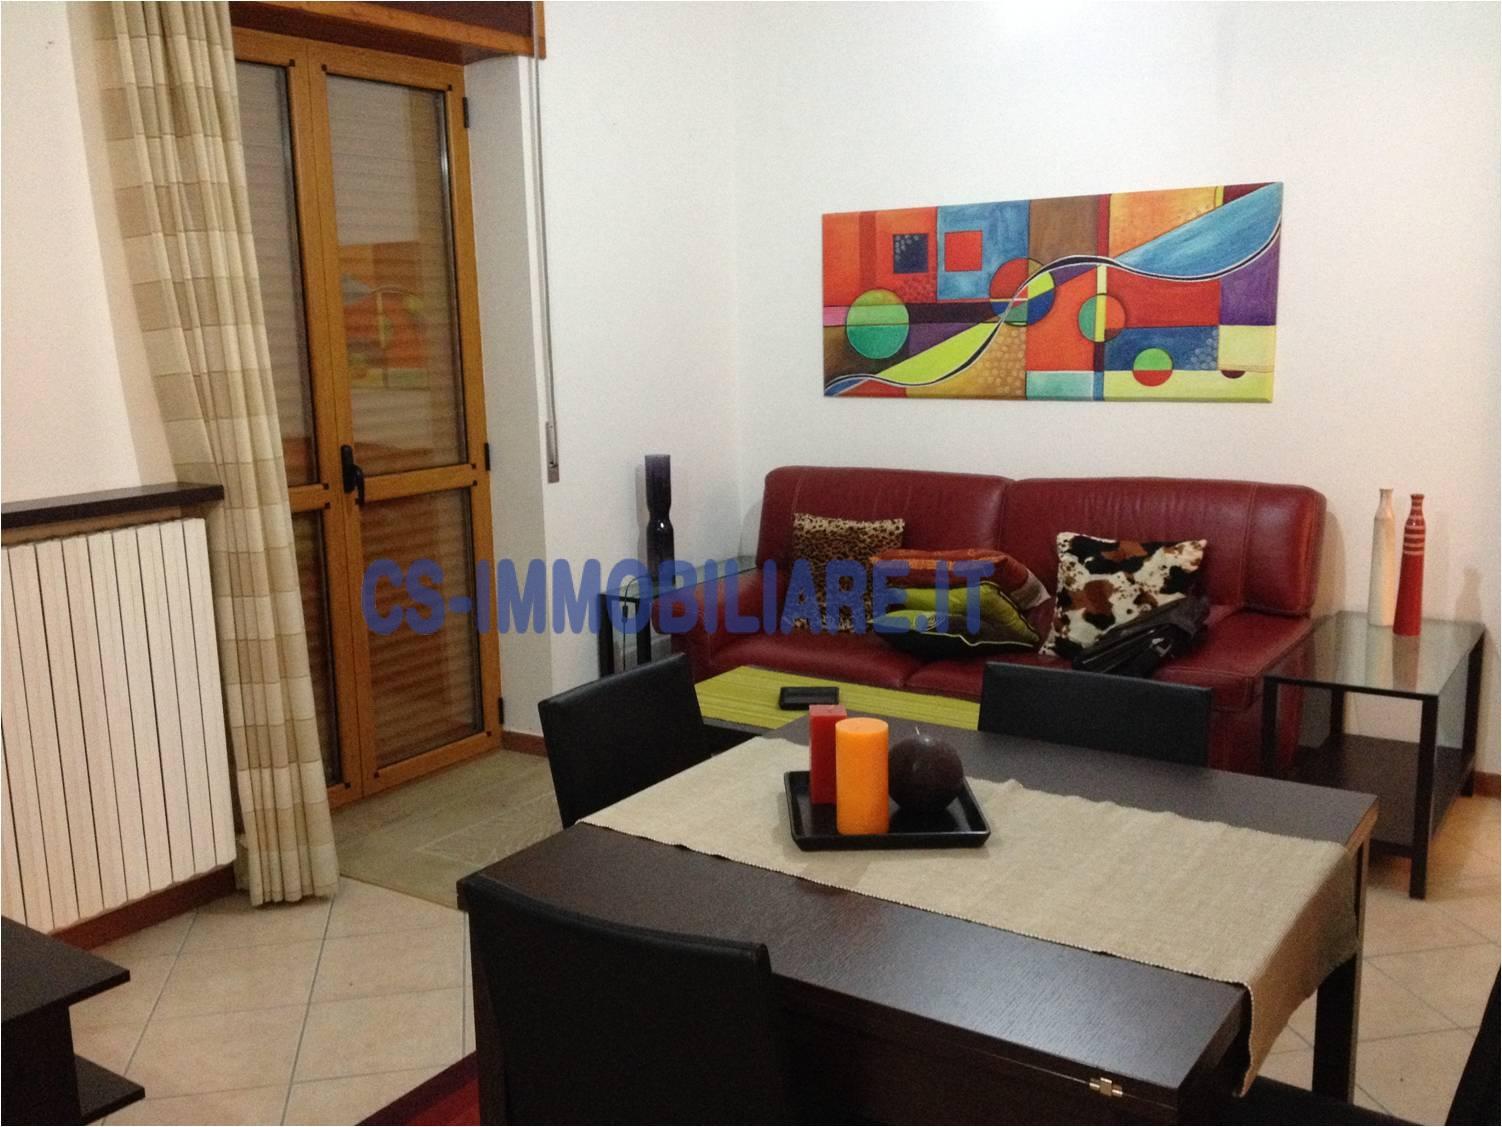 Appartamento in vendita a Tito, 3 locali, zona Località: TitoScalo, prezzo € 105.000 | Cambio Casa.it